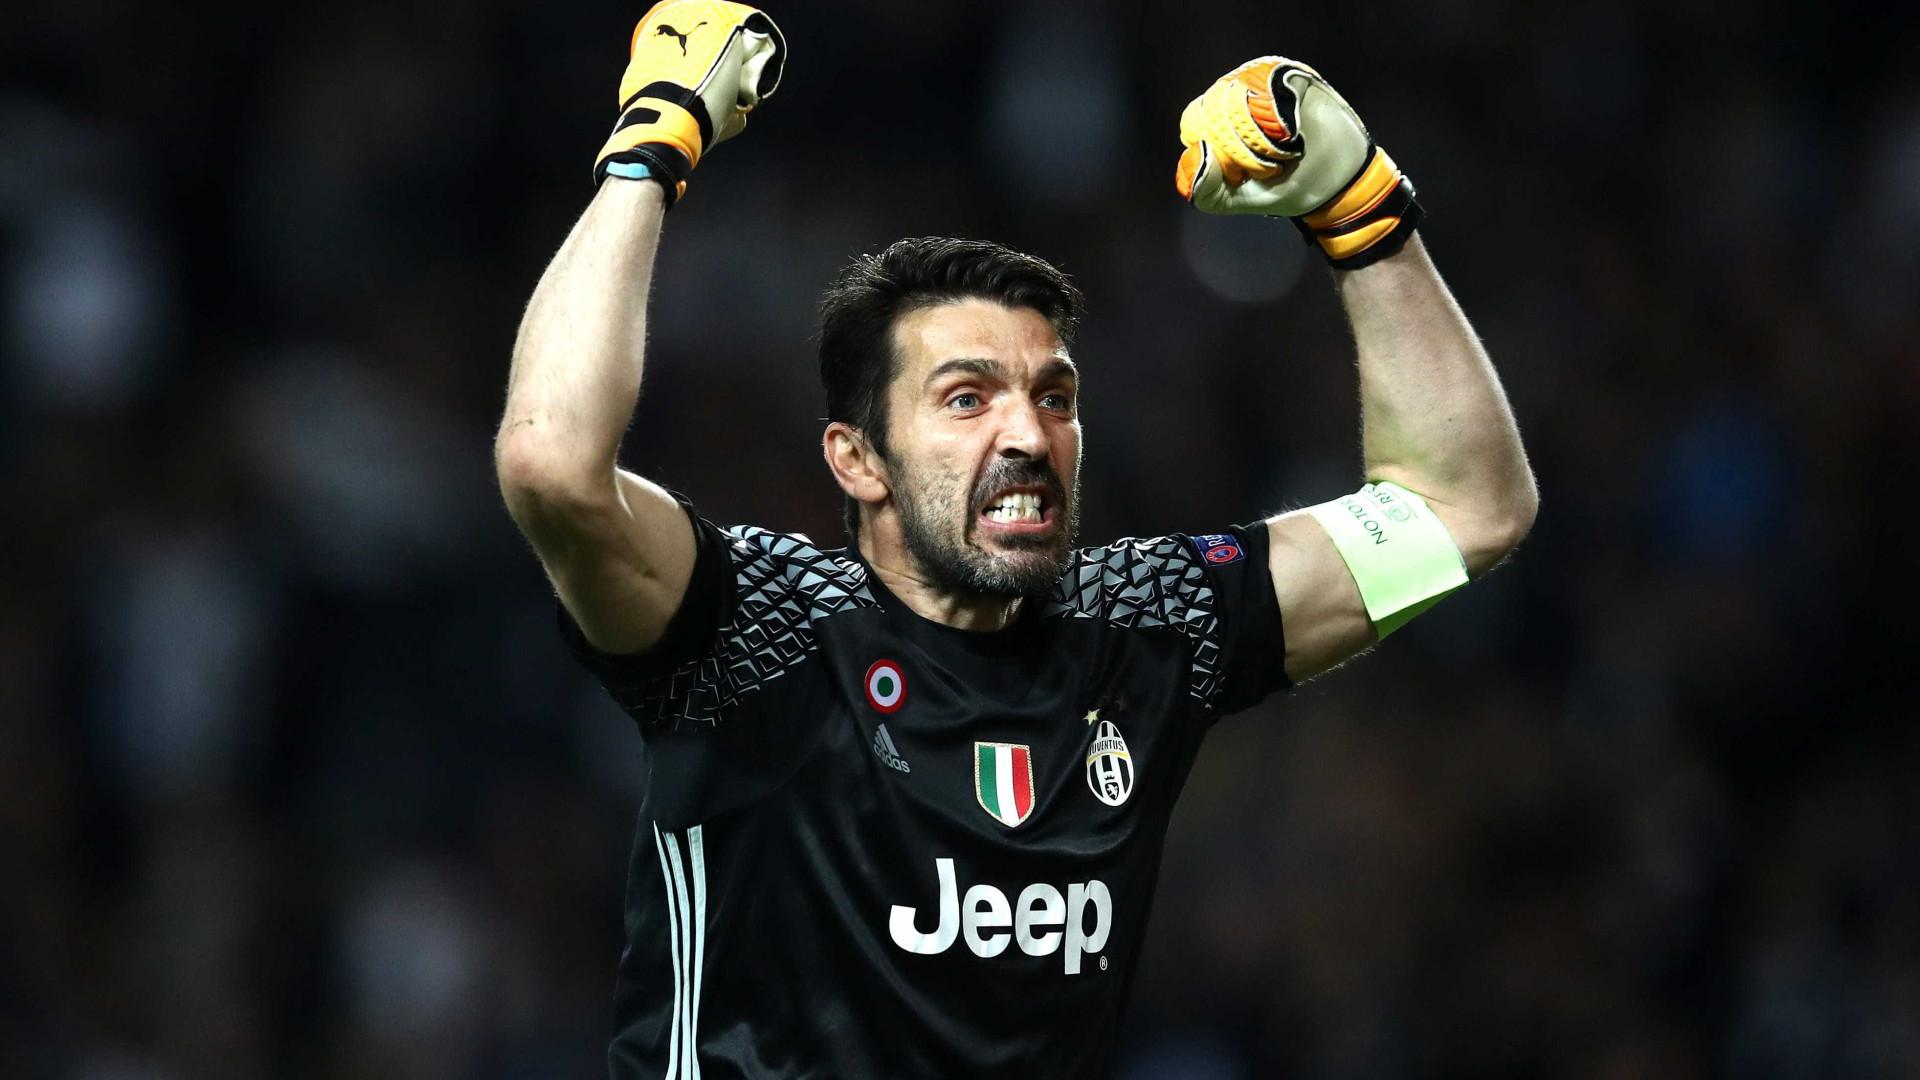 Oficial: Buffon abandona Juventus